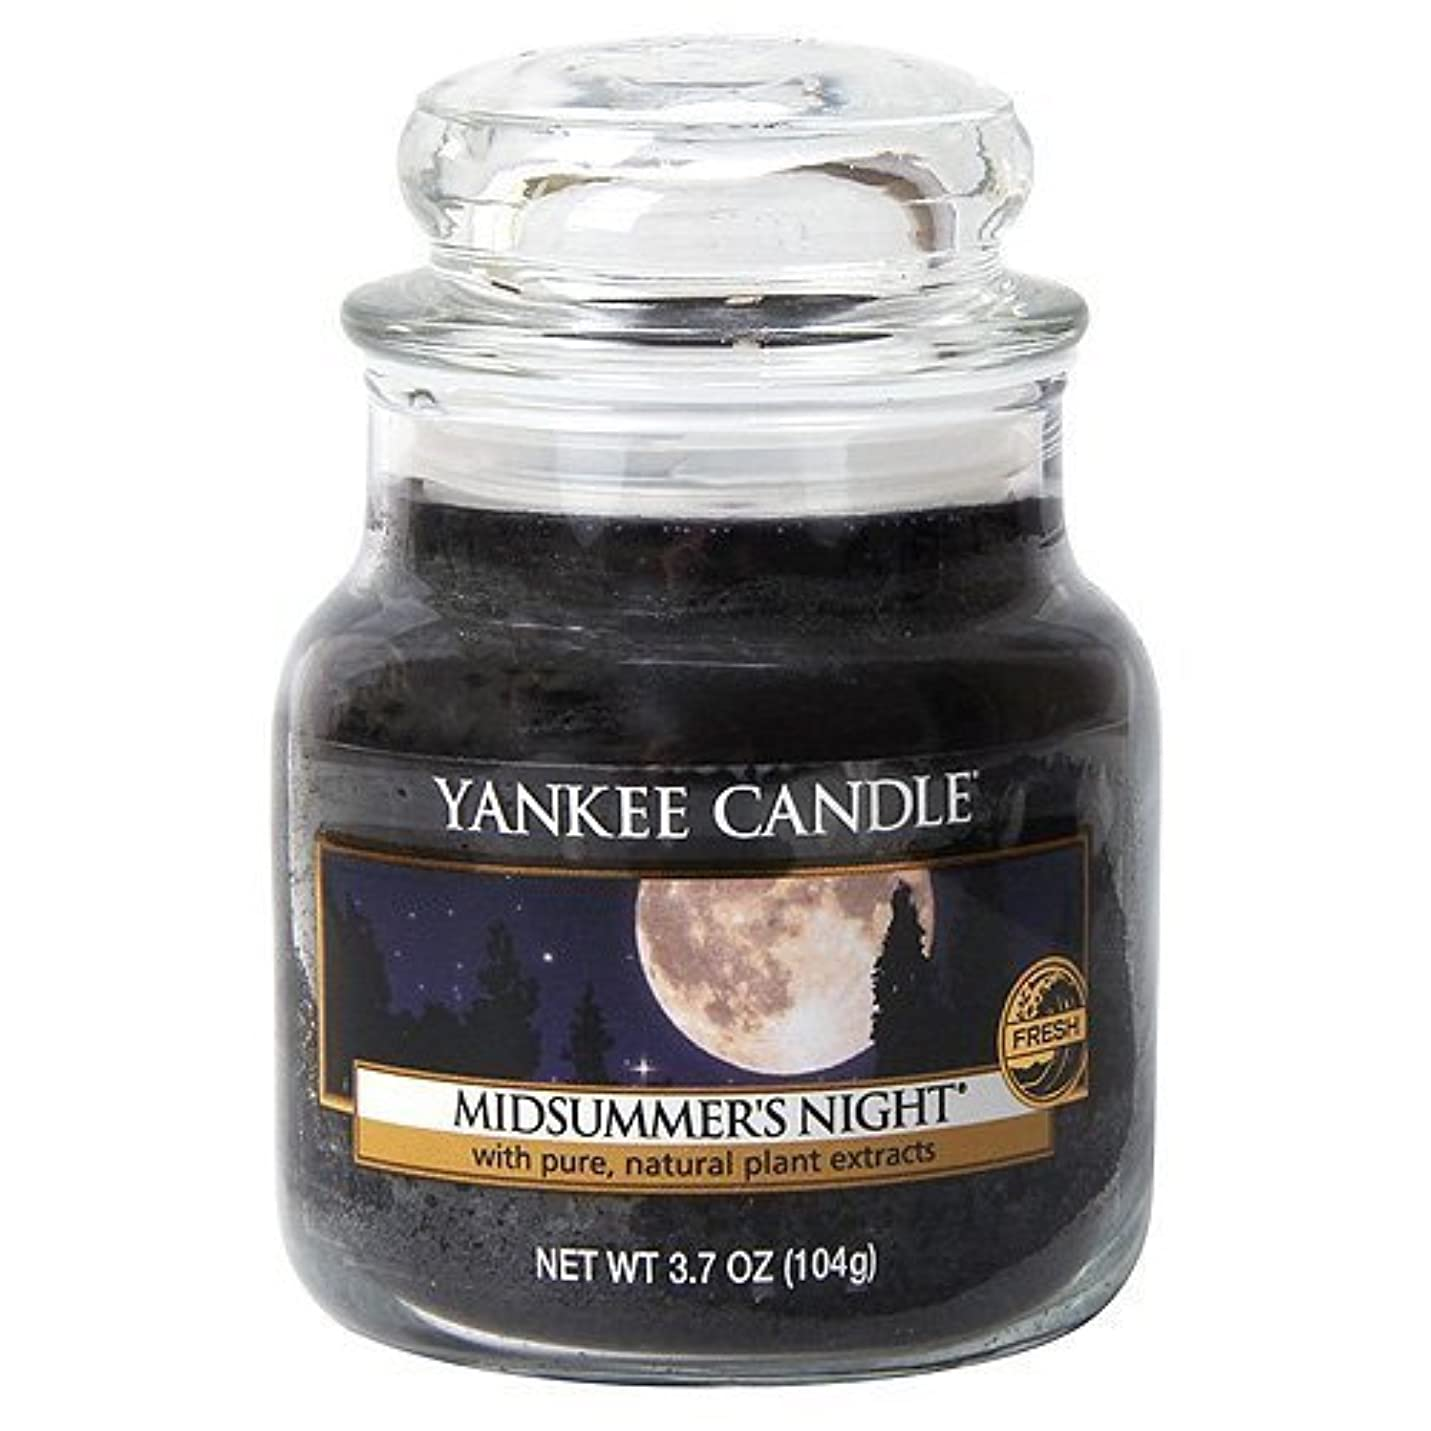 故障中バブルアイロニーYankee Candle Midsummer's Night Small Jar Candle, Fresh Scent by Yankee Candle [並行輸入品]